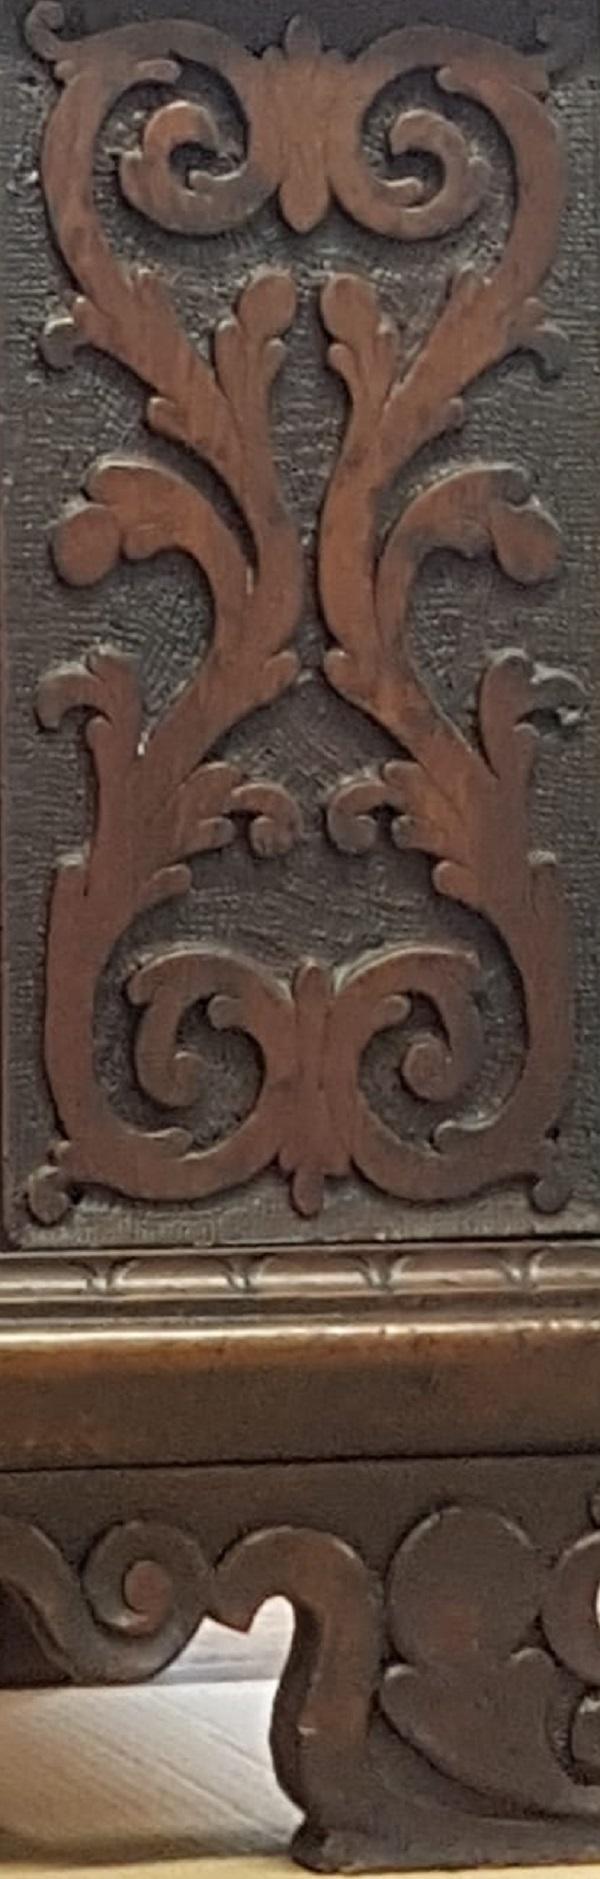 cassone-sant'omobono-valle-imagna-bergamo-fine-xvii-secolo